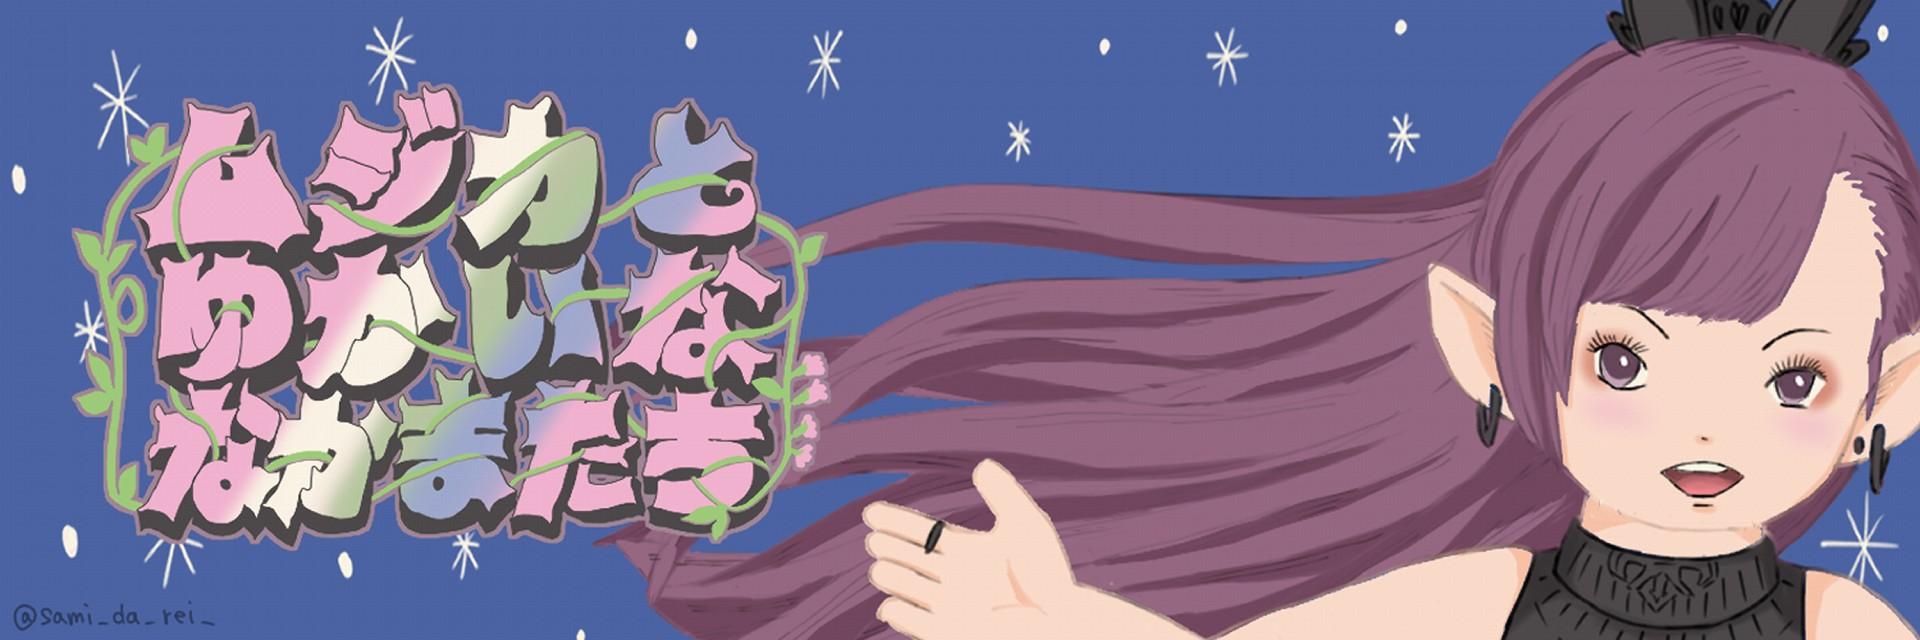 f:id:ryoushitsu-musica:20210801073551j:image